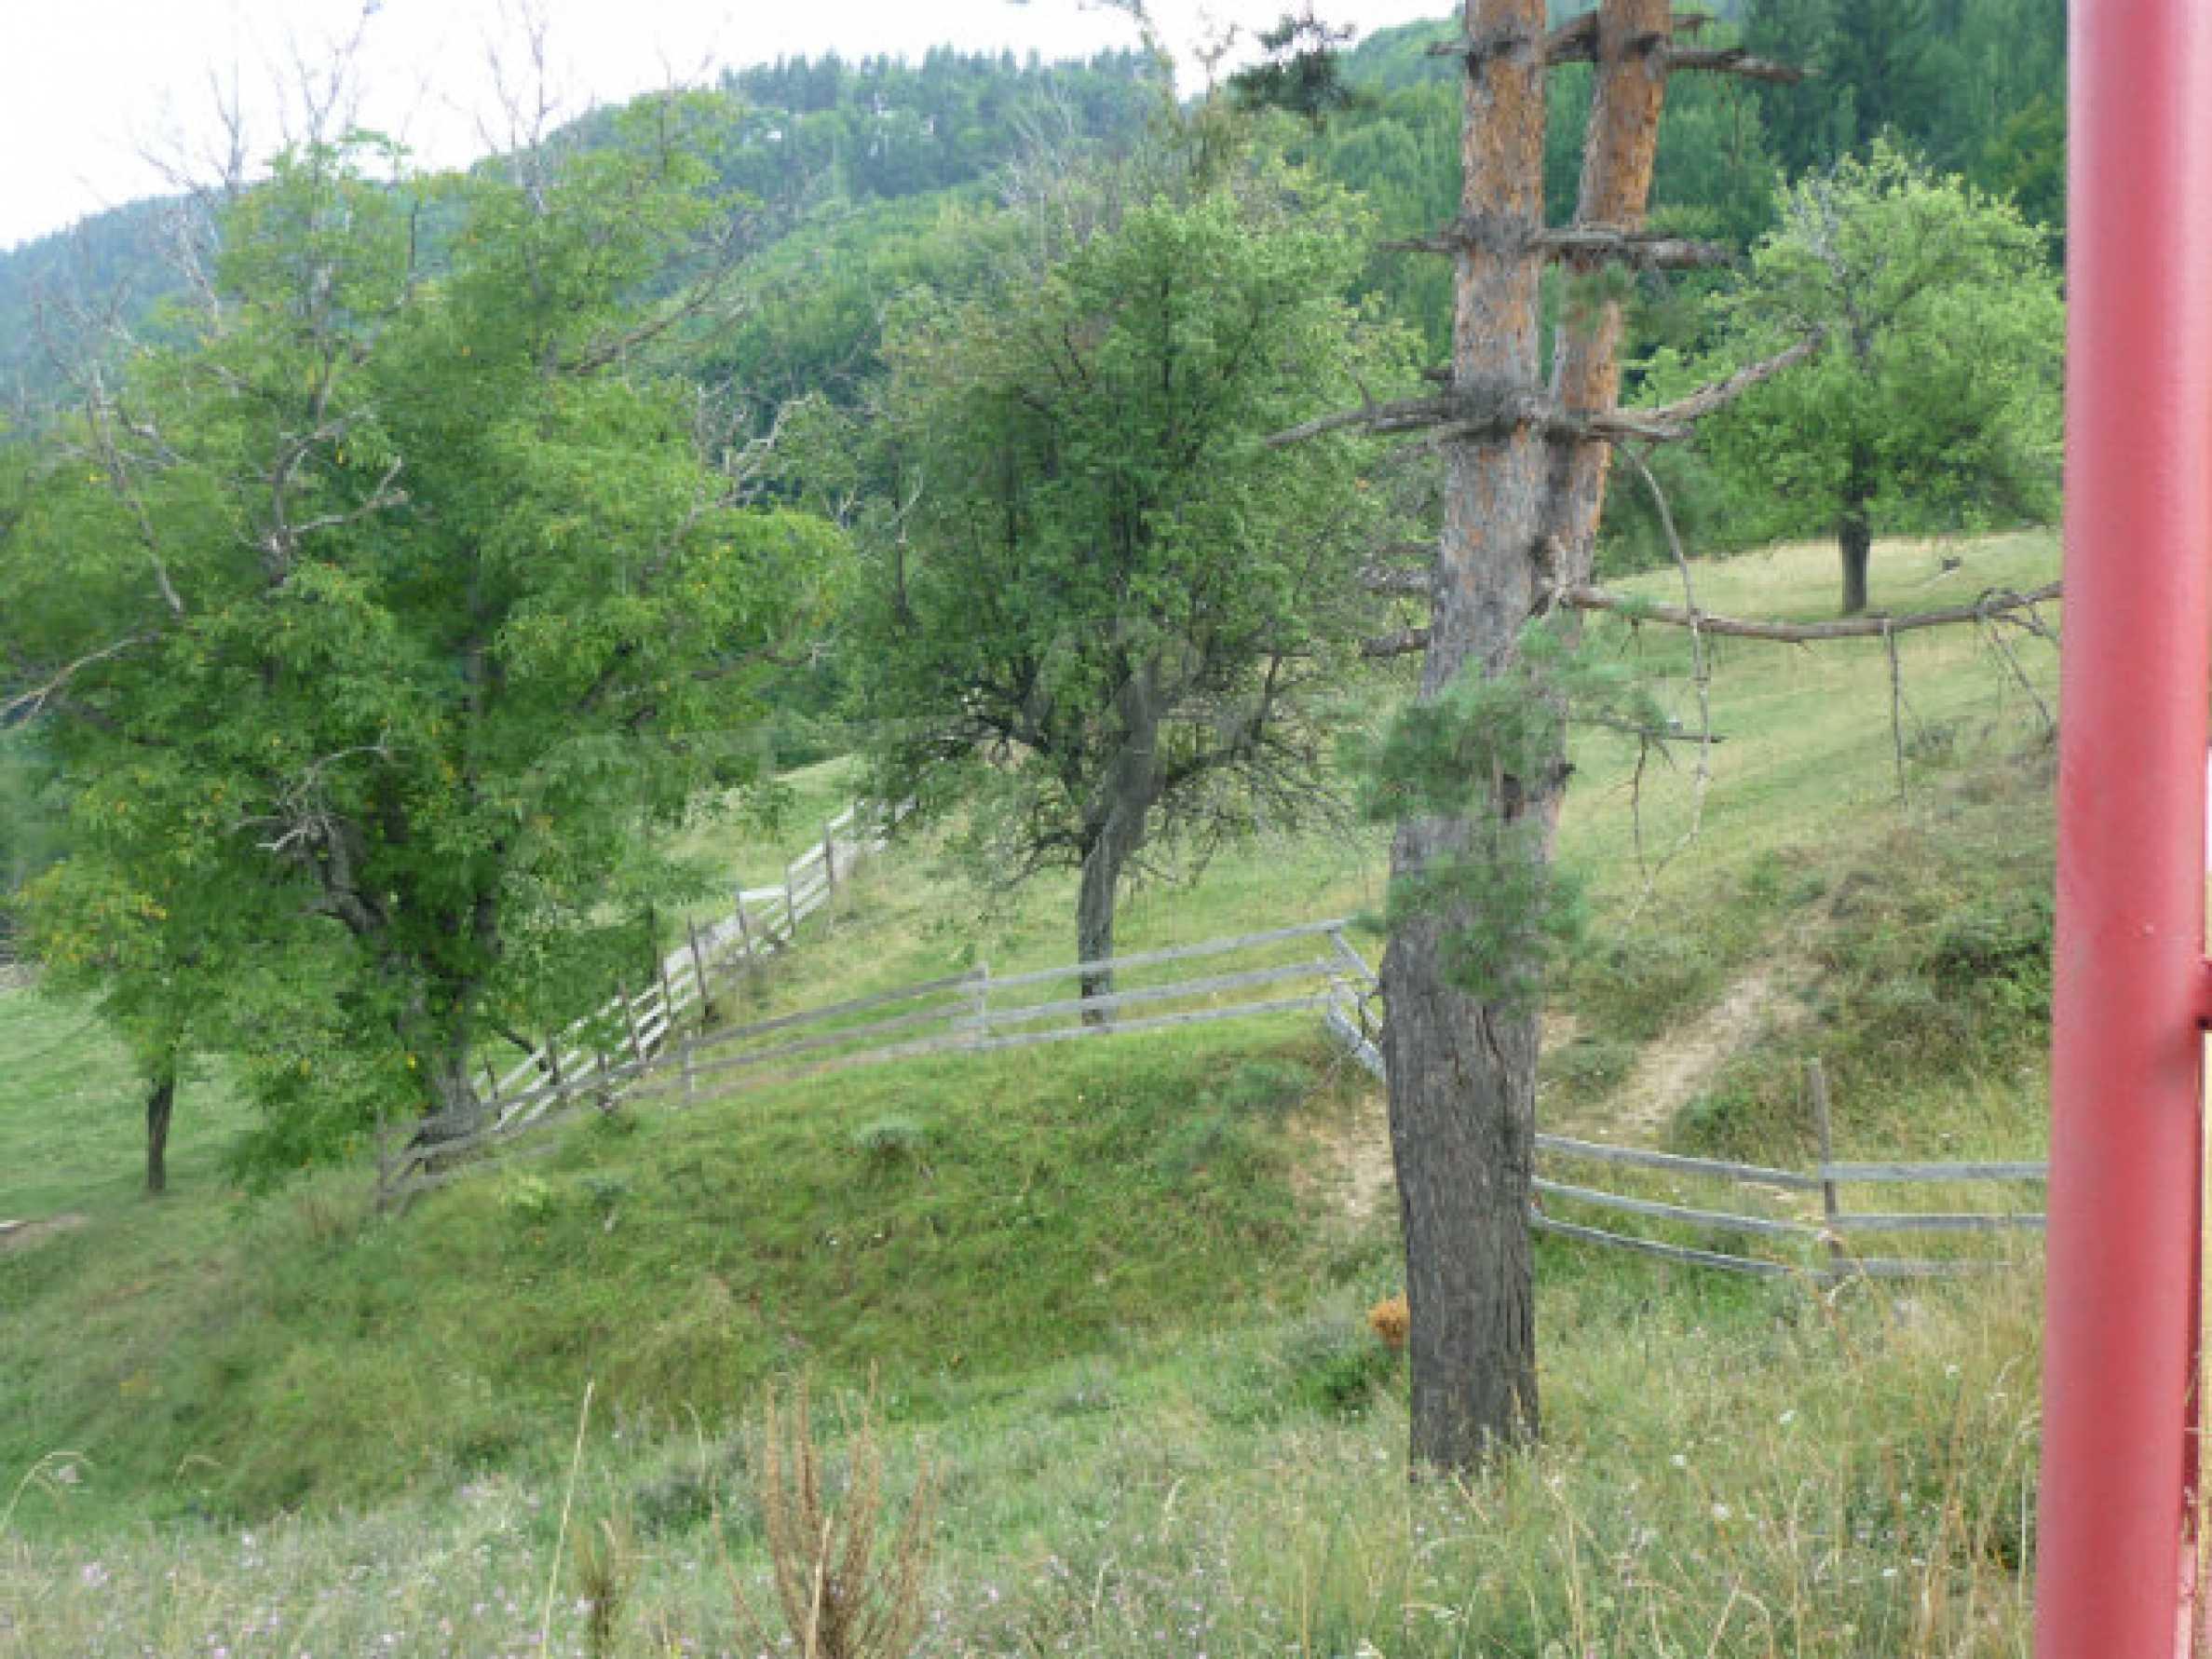 Großes reguliertes Baugrundstück 15 km vom Kurort Smolyan entfernt 3